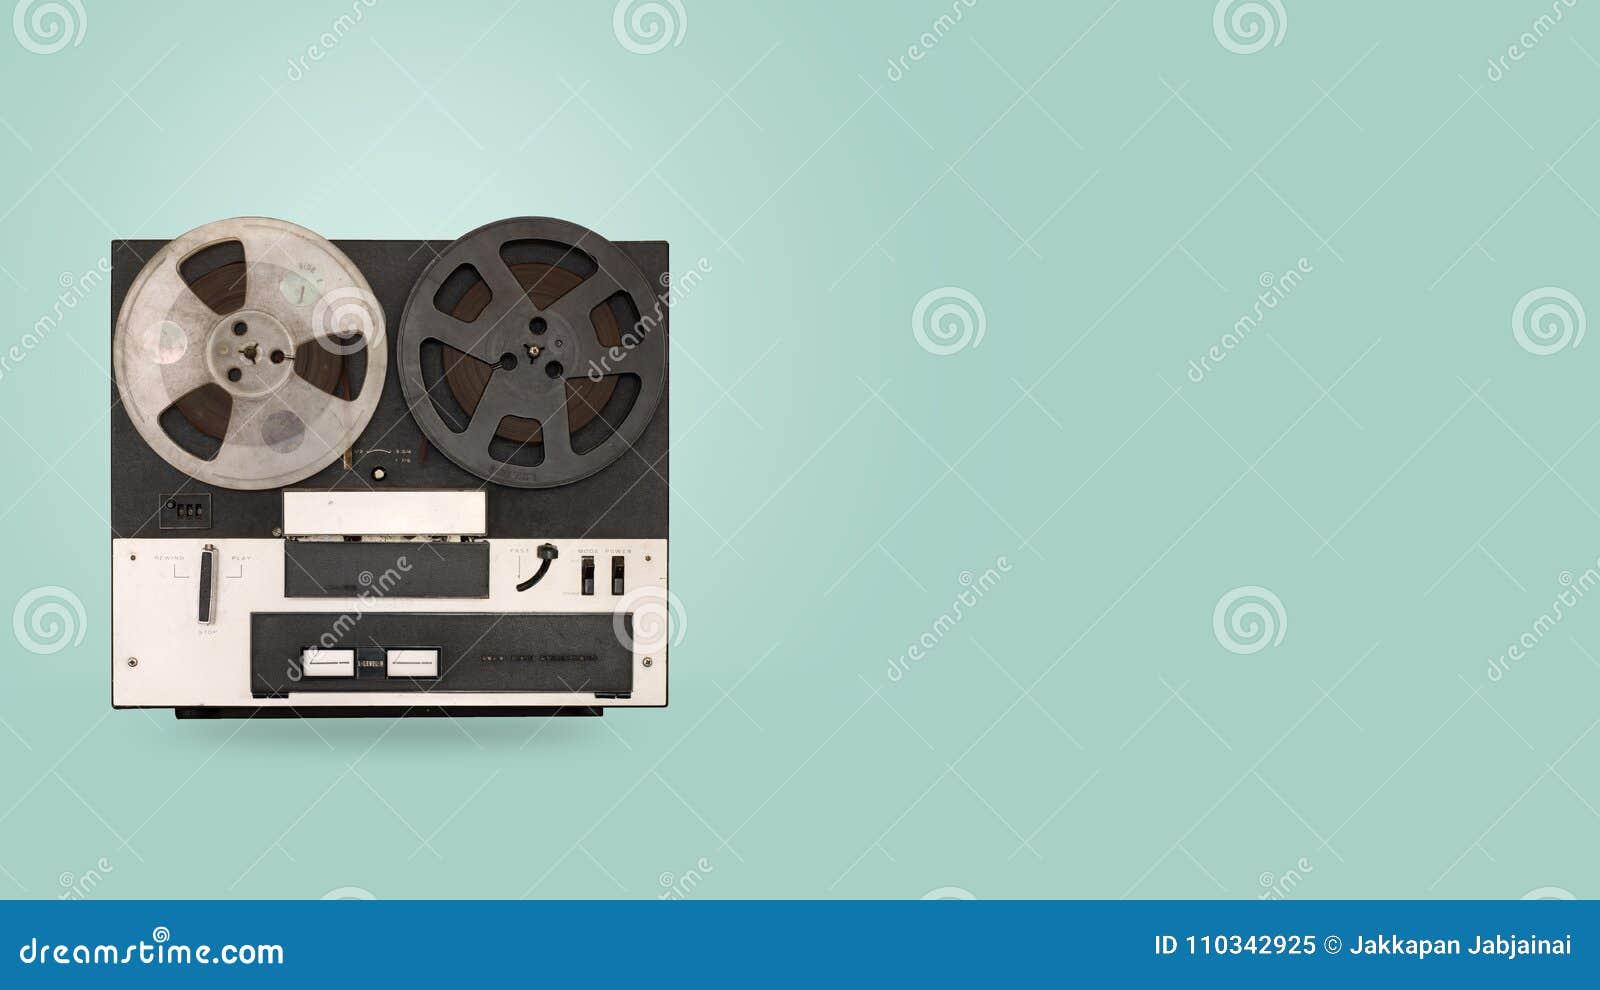 Grabadora y jugador de cinta con en el fondo del color